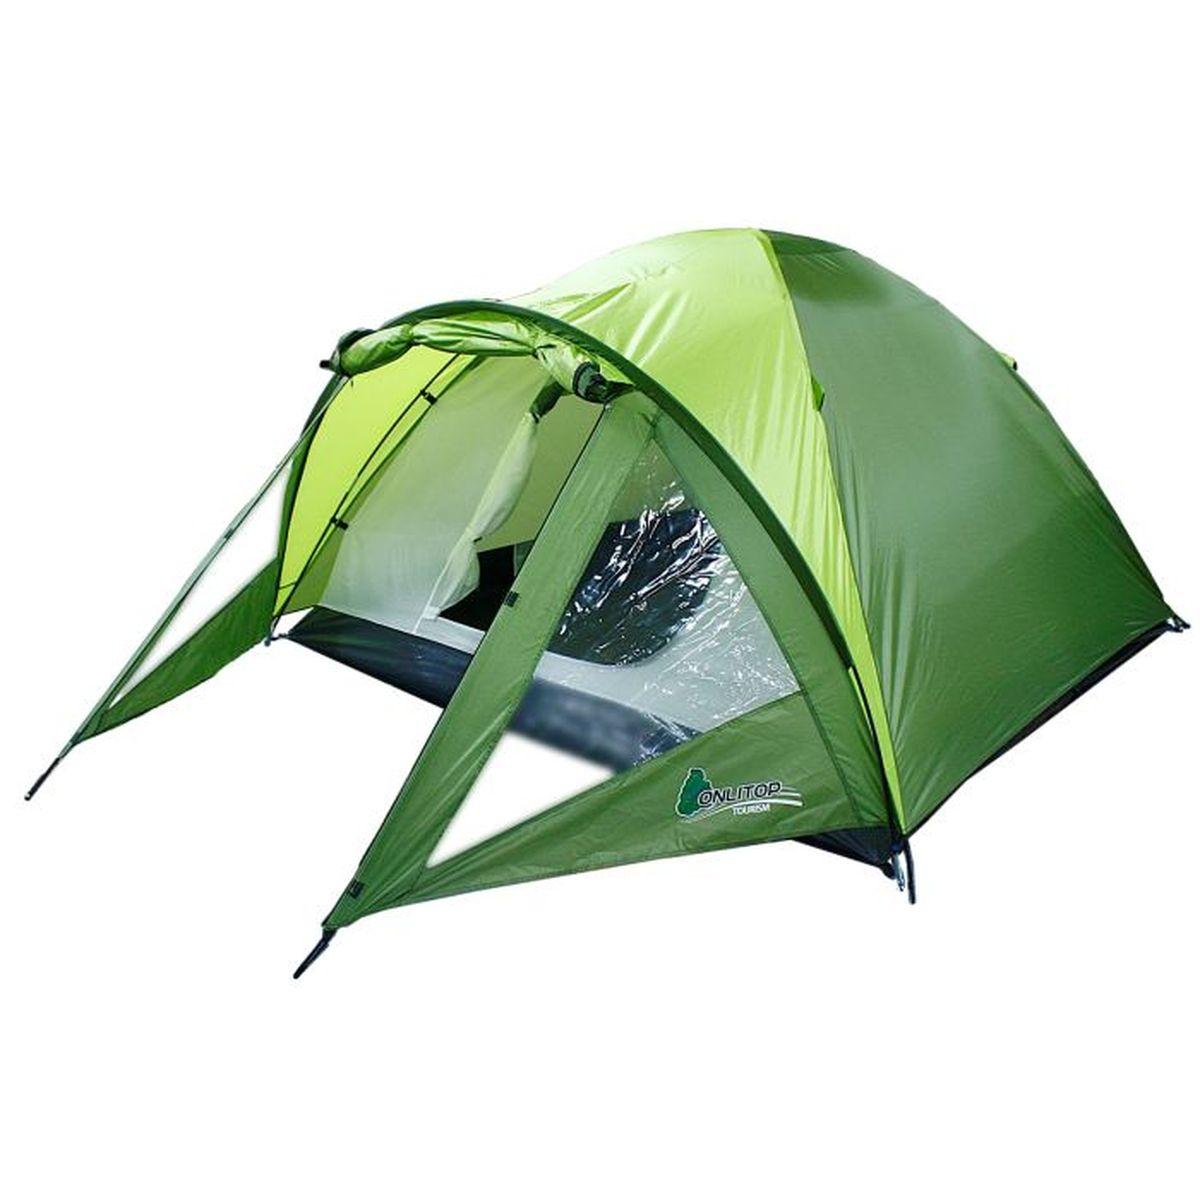 Палатка туристическая Onlitop JOVIN 2, цвет: зеленый70109Если вы заядлый турист или просто любитель природы, вы хоть раз задумывались о ночёвке на свежем воздухе. Чтобы провести её с комфортом, вам понадобится отличная палатка, Она обеспечит безопасный досуг и защитит от непогоды и насекомых. Ткань рипстоп гарантирует длительную эксплуатацию палатки за счёт высокой прочности материала.